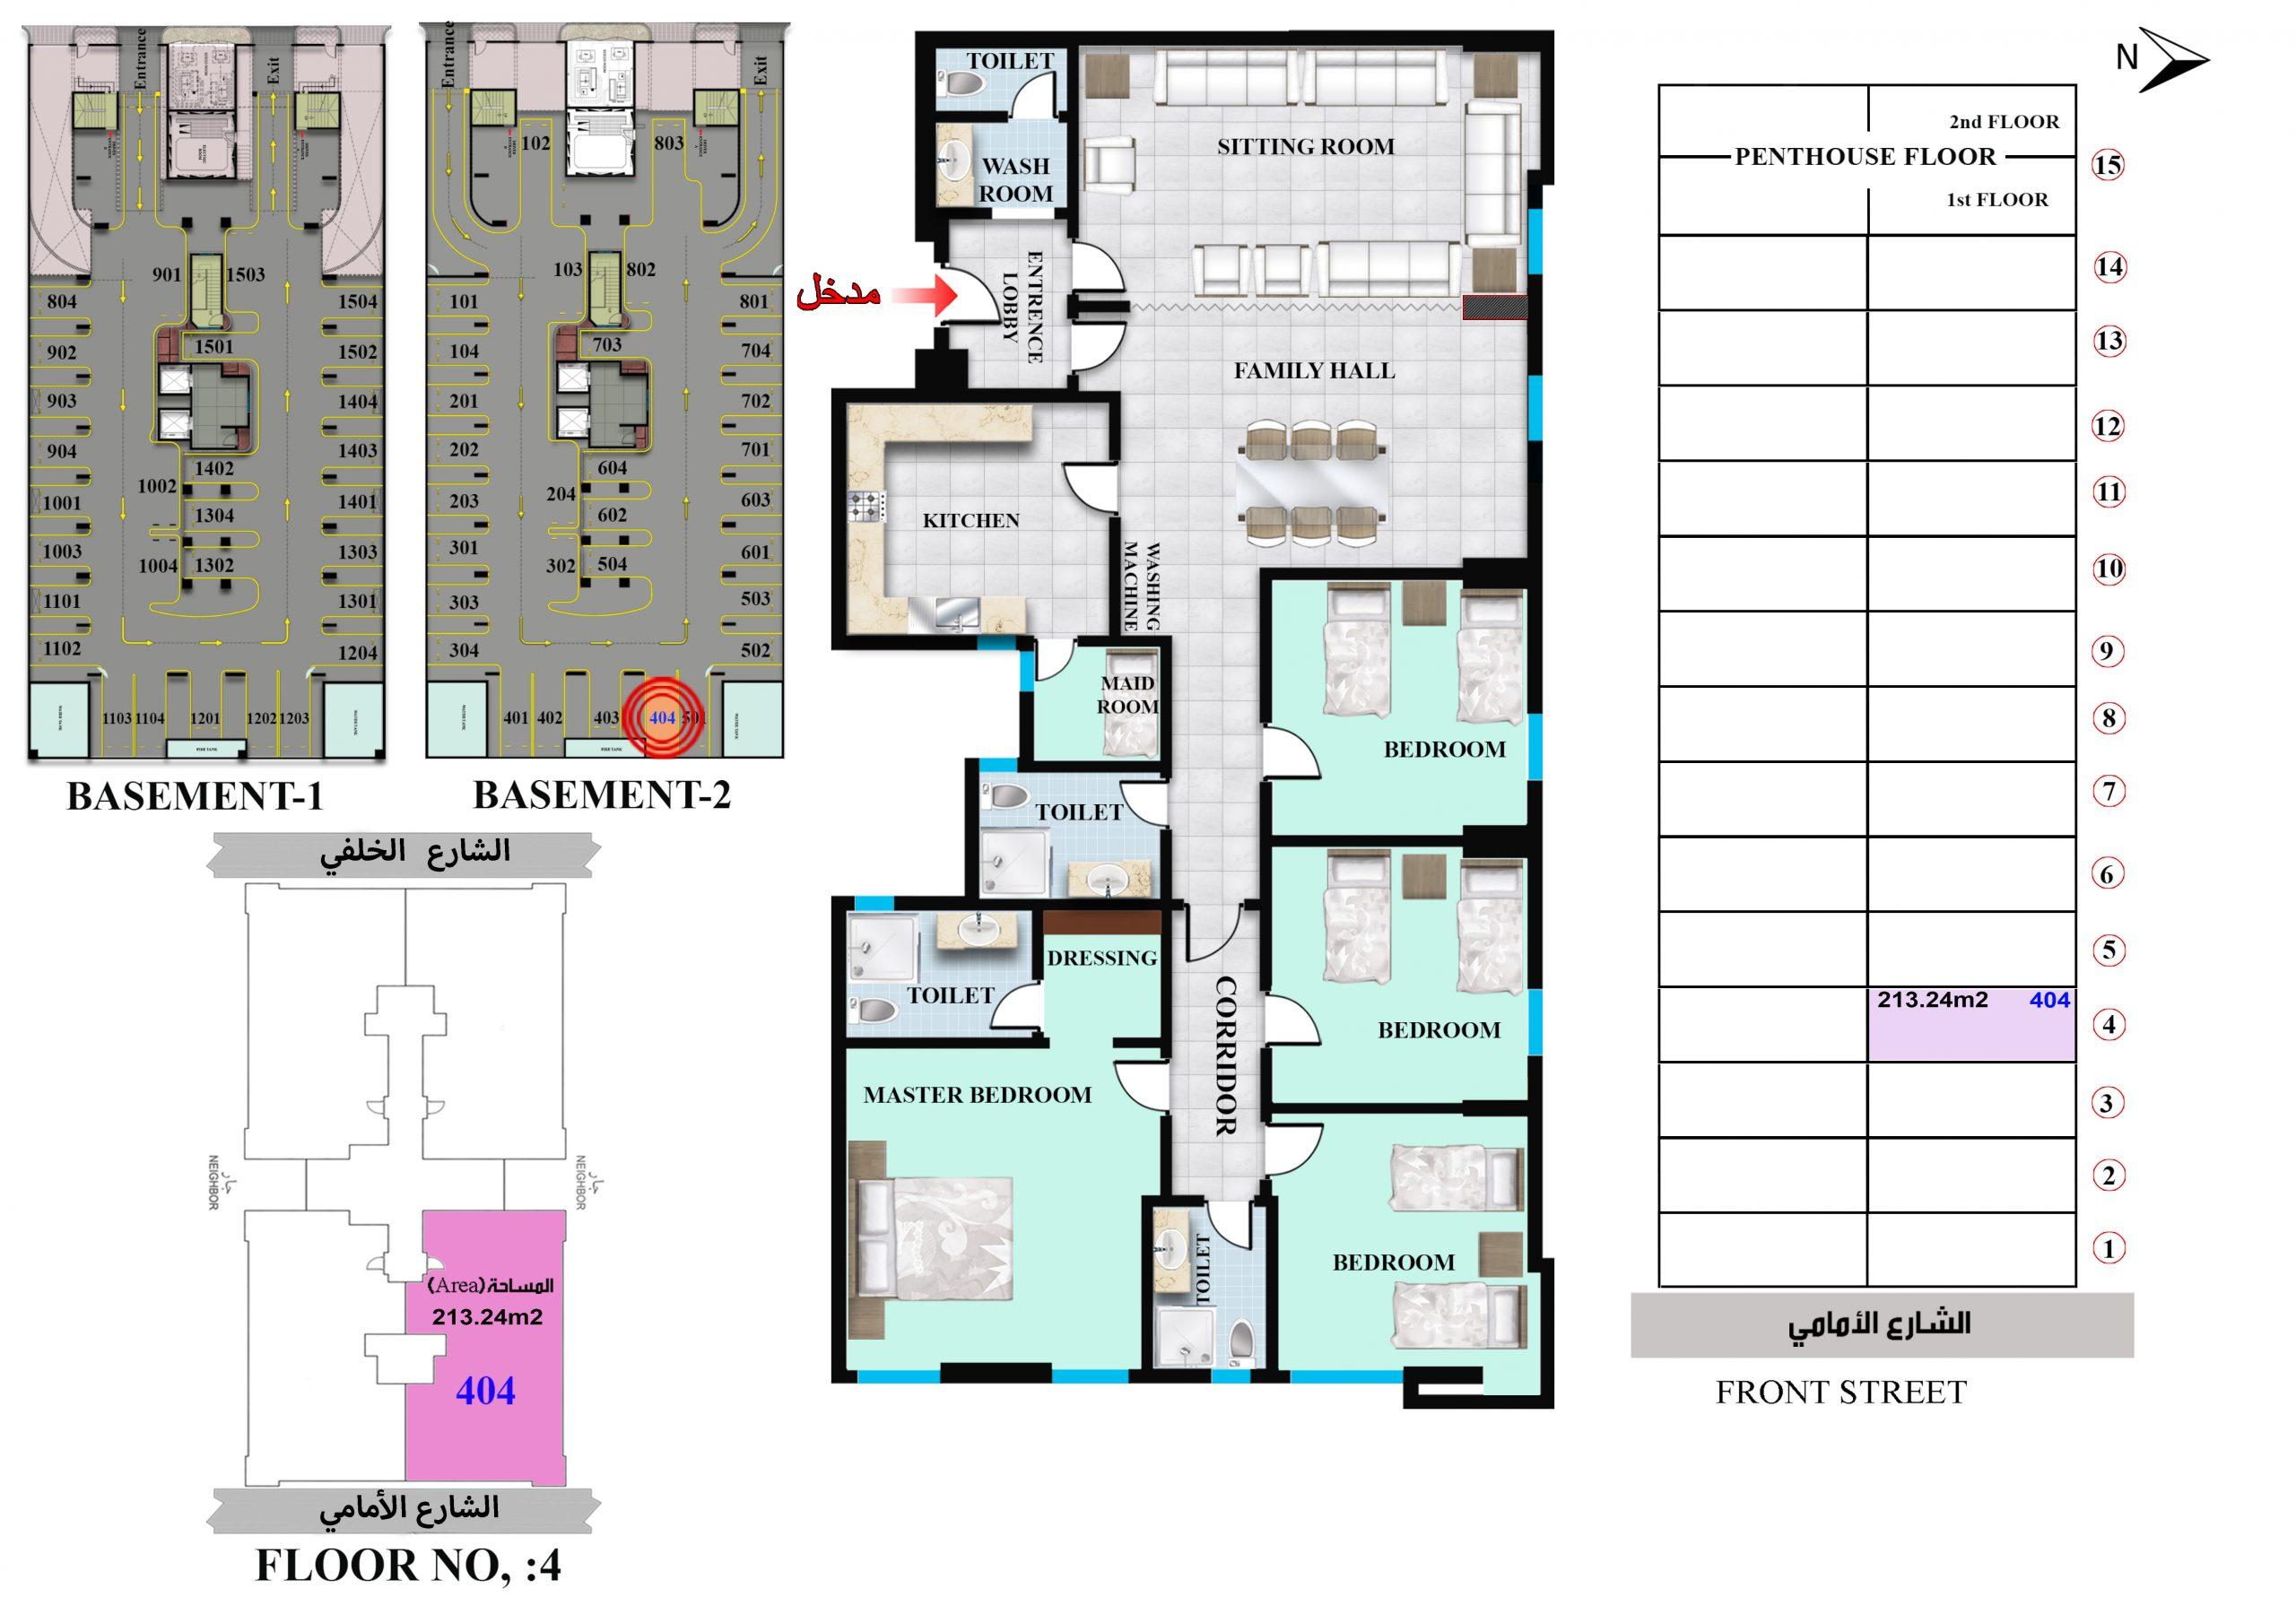 شقة رقم 404